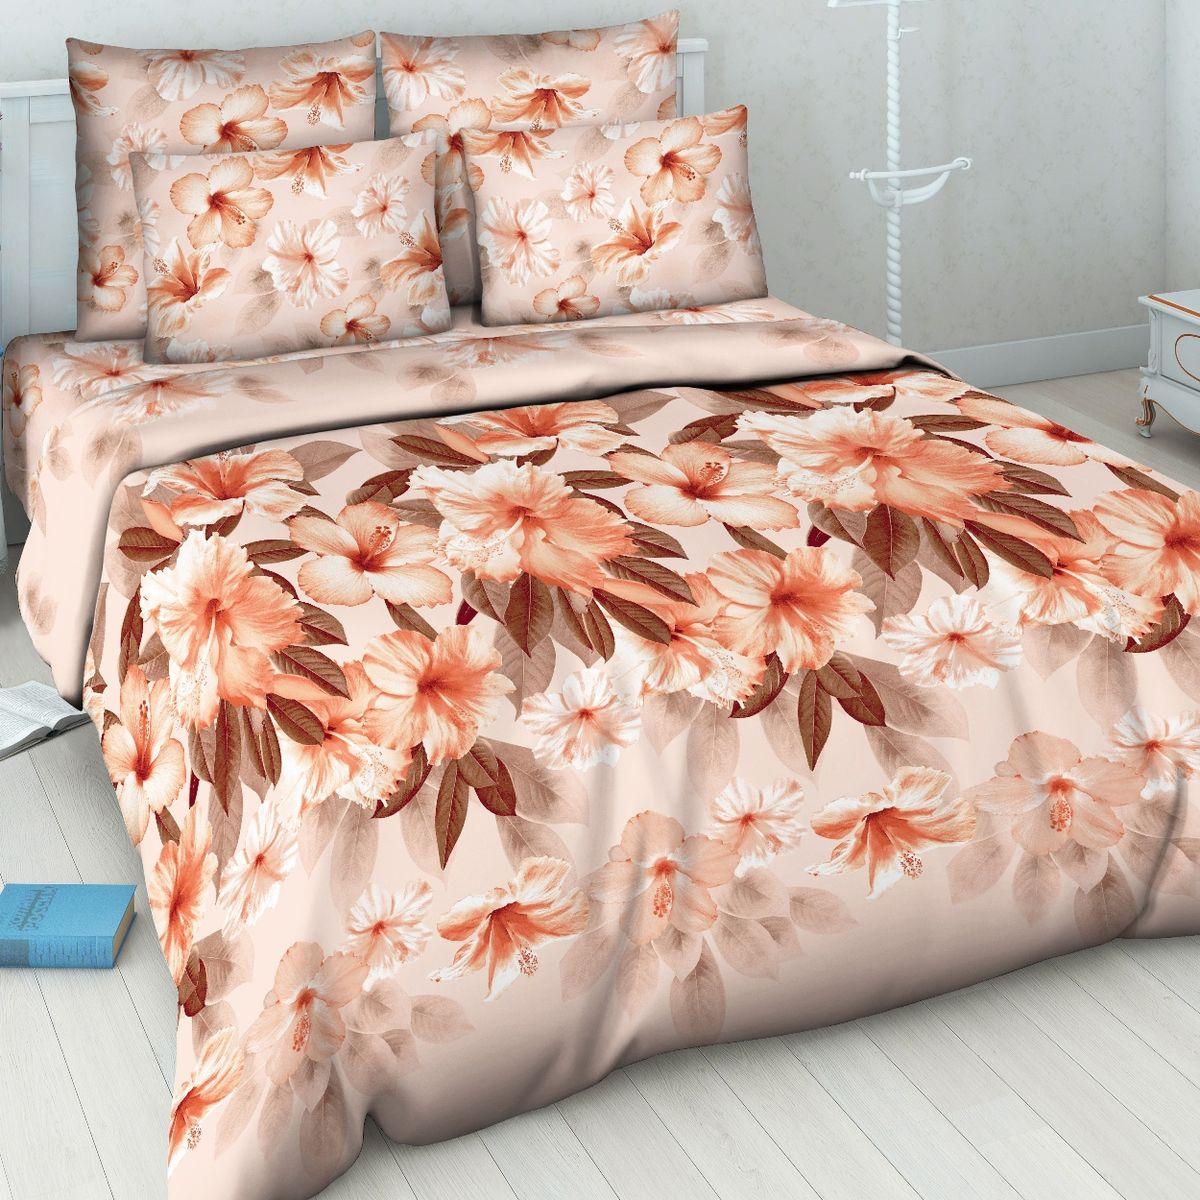 Комплект белья Василиса, 1,5-спальный, наволочки 70х70. 5114_1/1,5CA-3505Комплект постельного белья Василиса состоит из пододеяльника, простыни и двух наволочек. Белье производится из высококачественной бязи (100% хлопка).Использование особо тонкой пряжи делает ткань мягче на ощупь, обеспечивает легкое глажение и позволяет передать всю насыщенность цветовой гаммы. Благодаря более плотному переплетению нитей и использованию высококачественных импортных красителей постельное белье выдерживает до 70 стирок.Приобретая комплект постельного белья Василиса, вы можете быть уверены в том, что покупка доставит вам удовольствие и подарит максимальный комфорт.